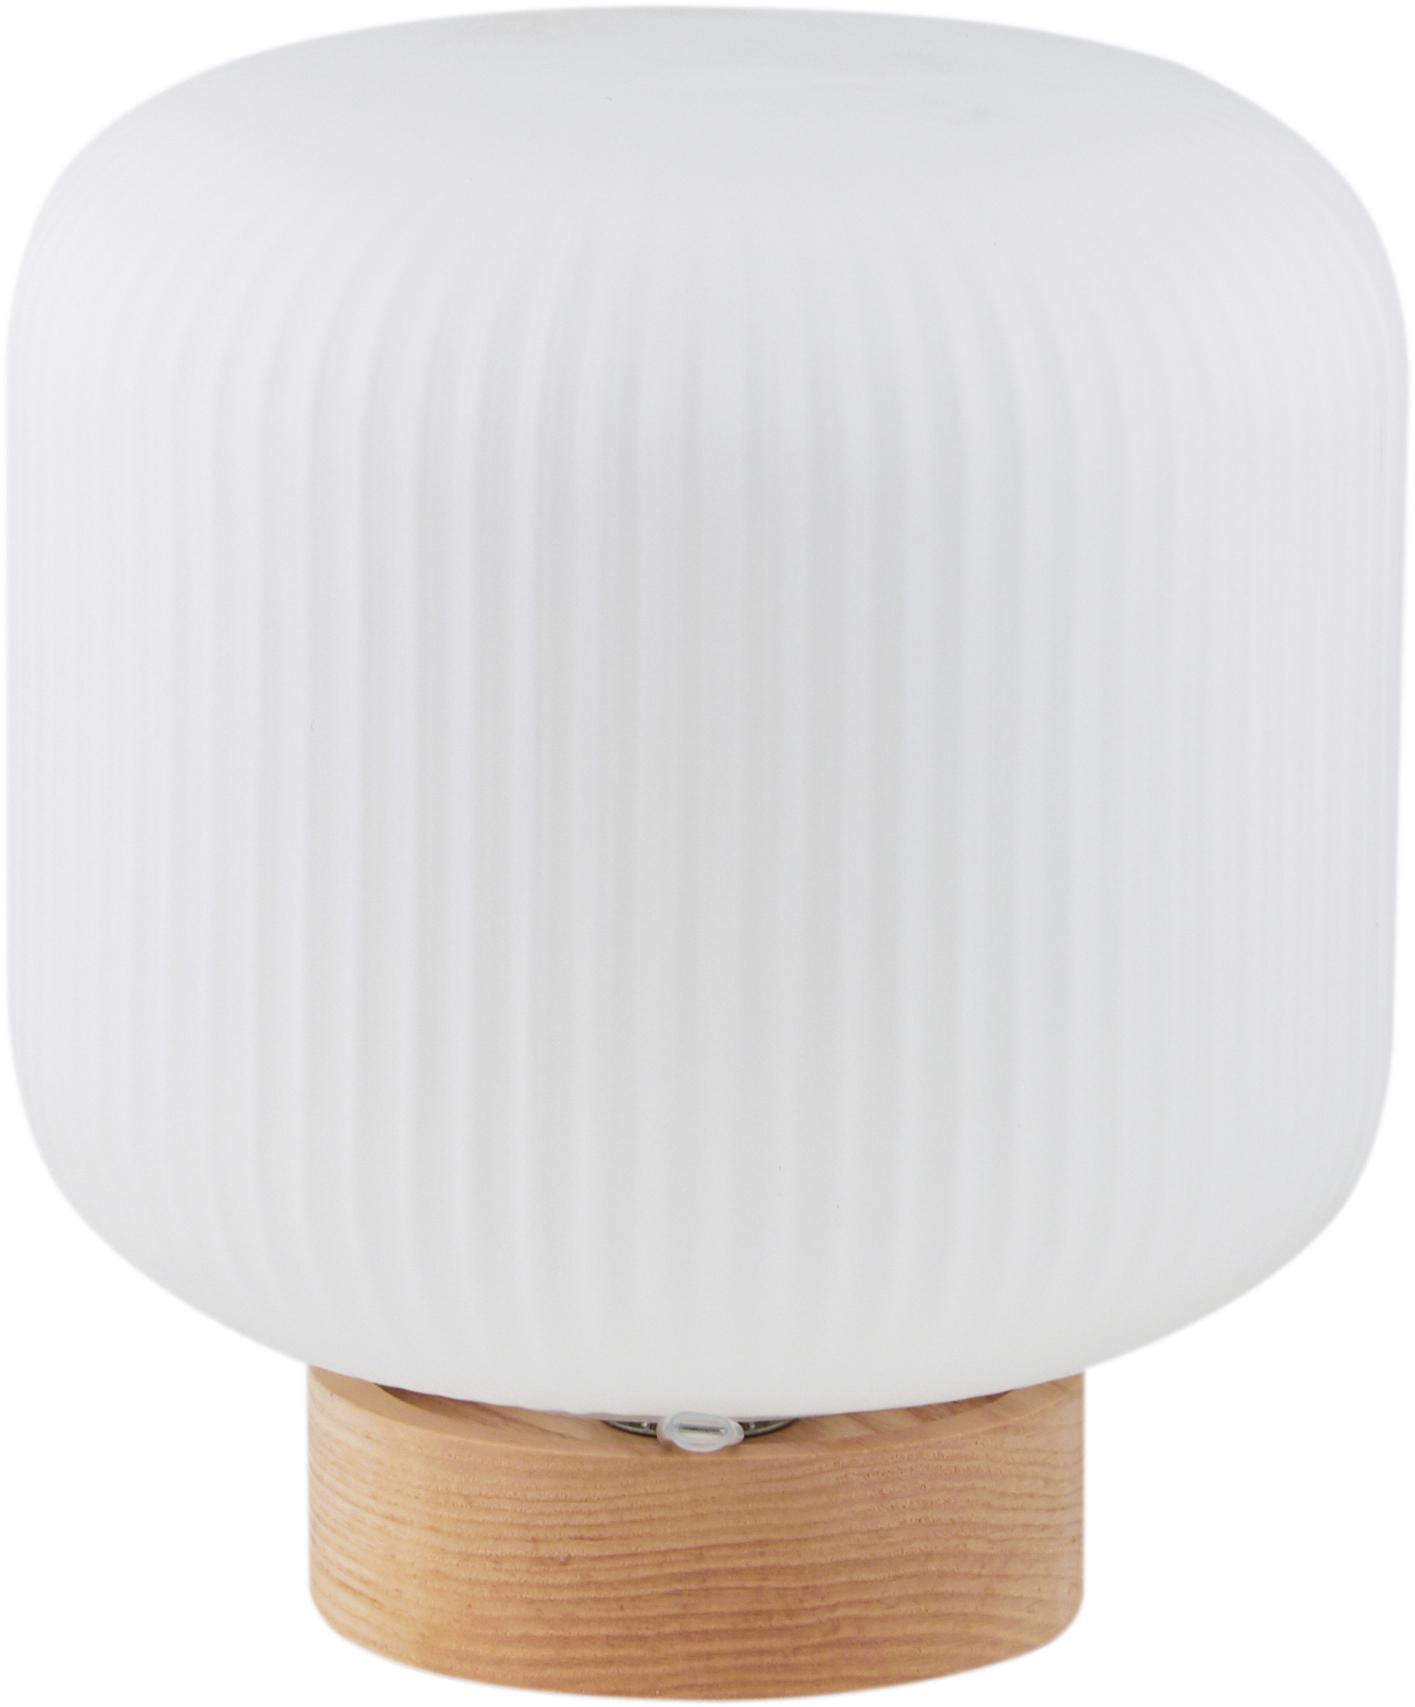 Skandi-Tischlampe Milford aus Opalglas, Lampenschirm: Opalglas, Opalweiss, Holz, Ø 20 x H 21 cm